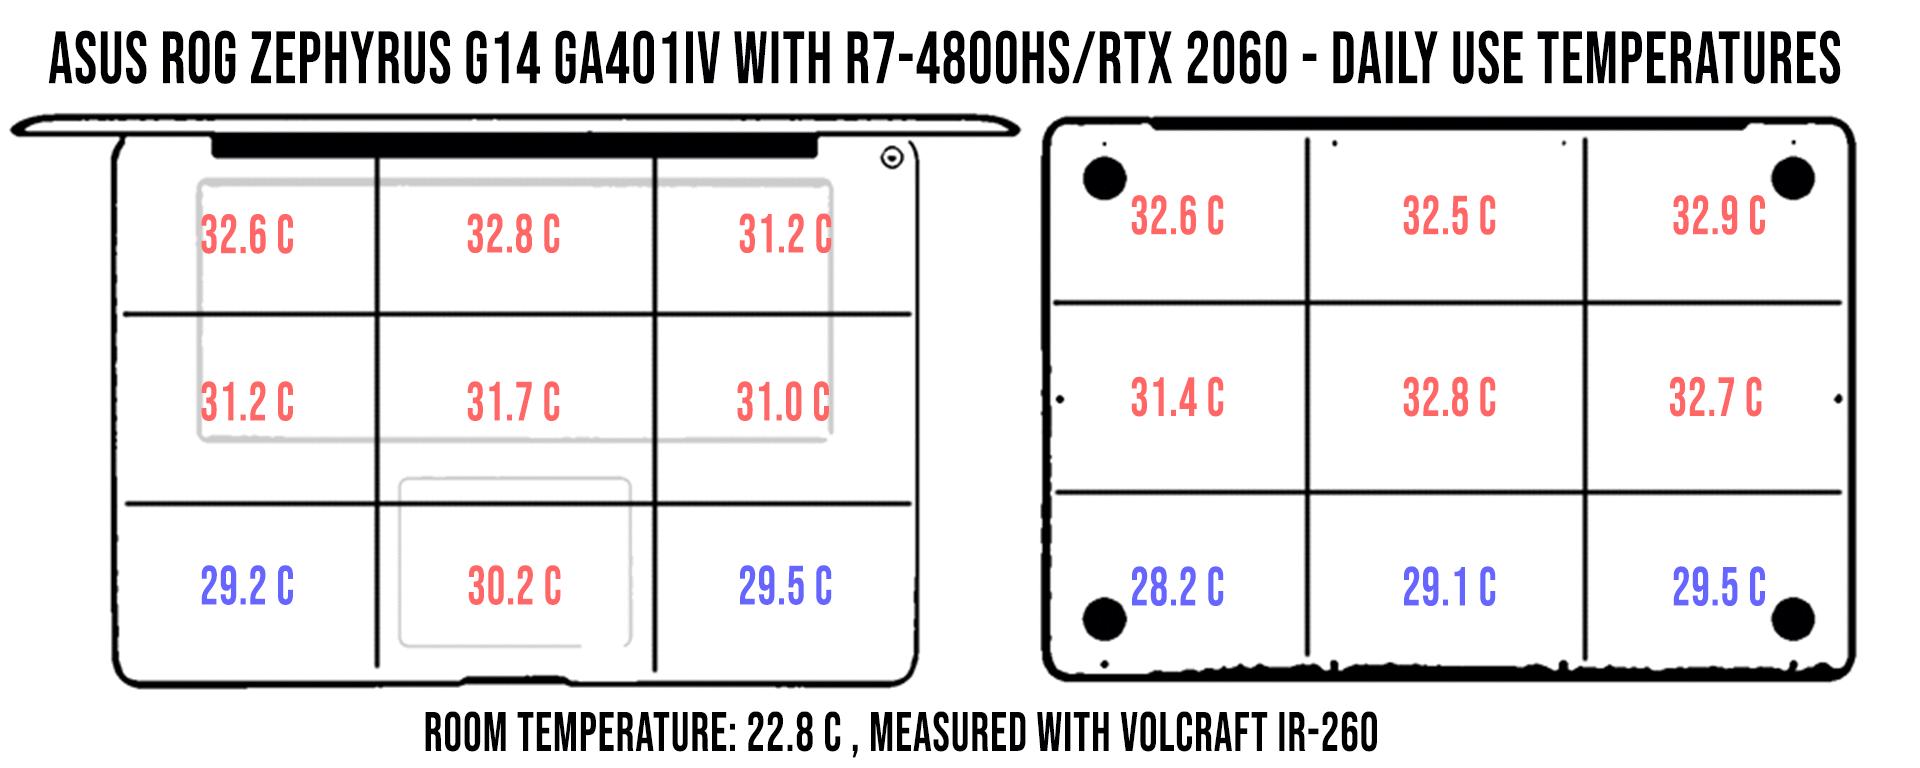 temperaturi-utilizare-normala-zephyrus-g14-ga401iv